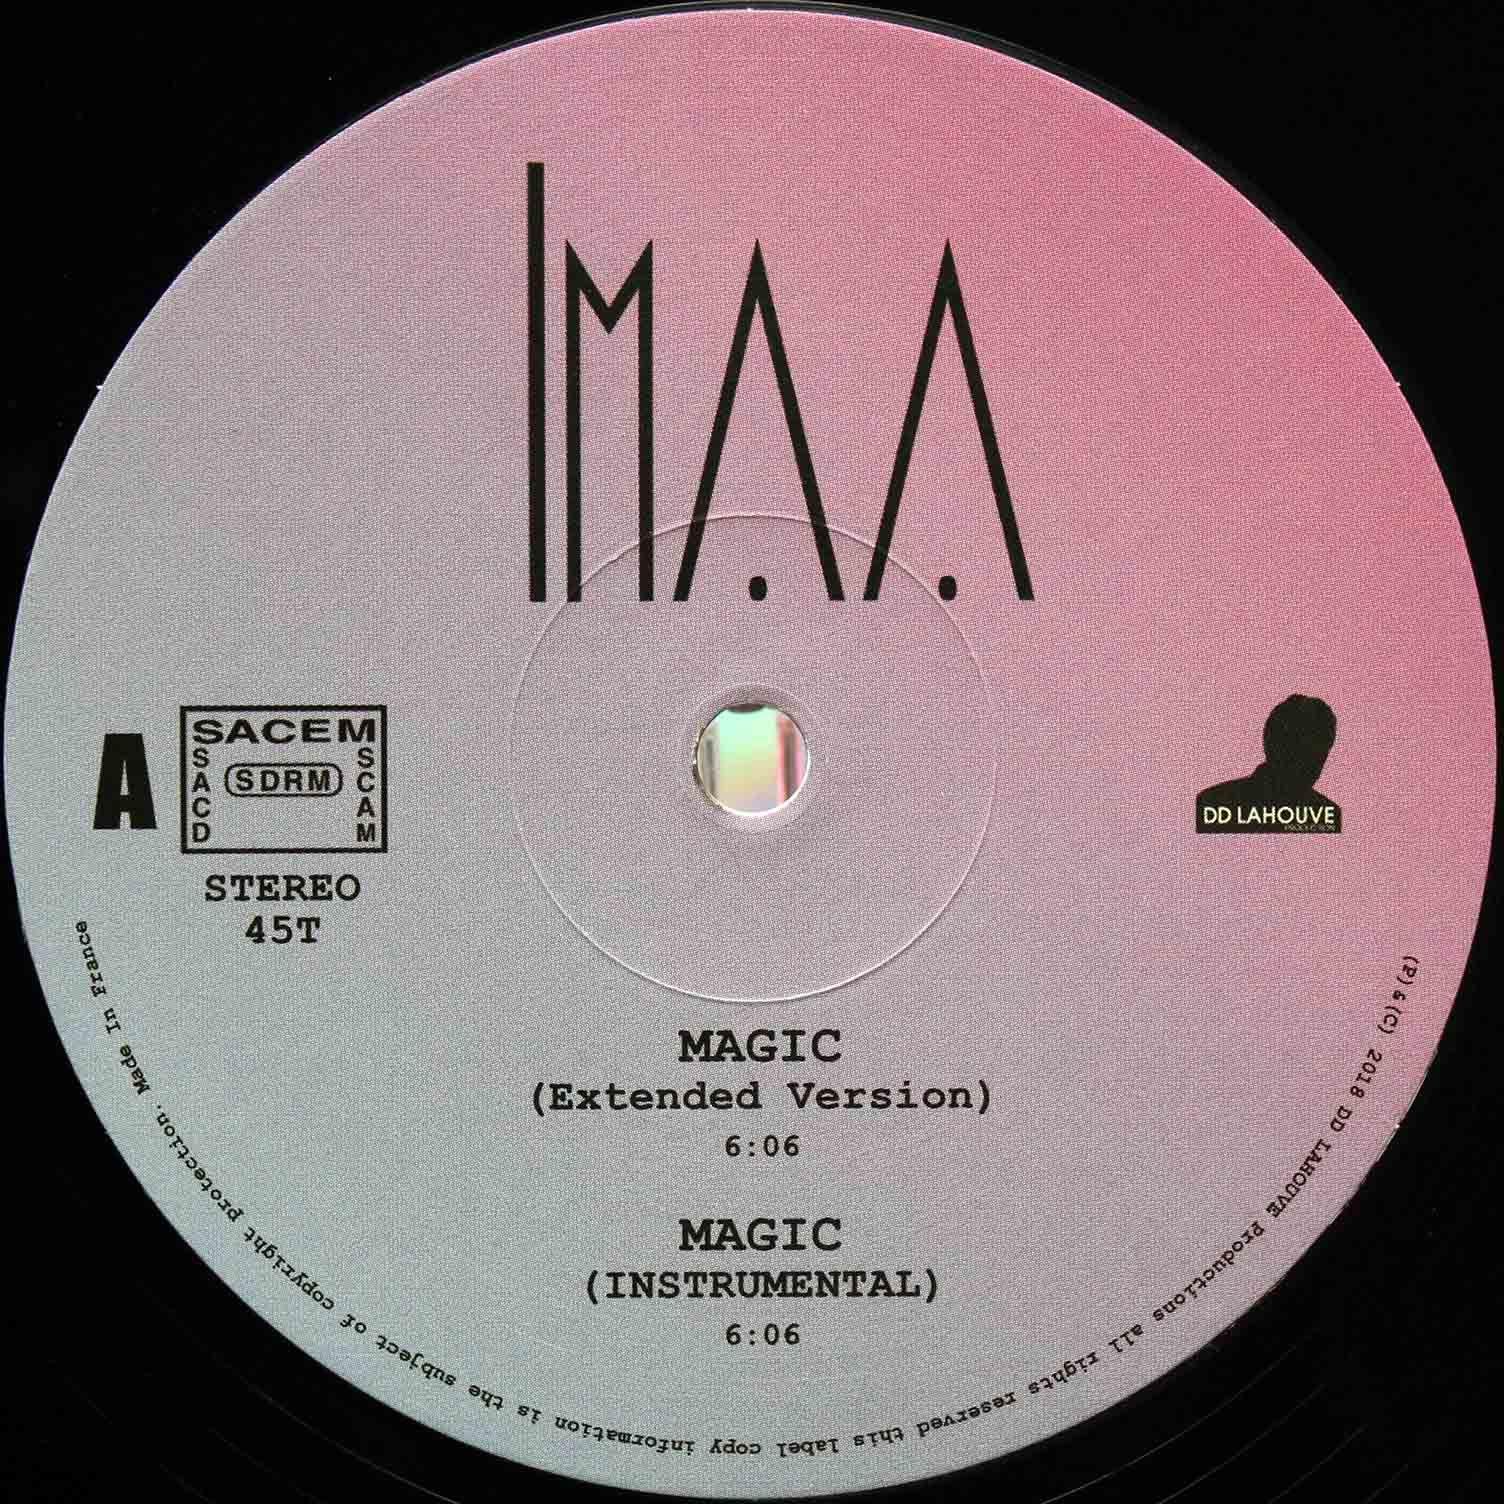 Imaa – Magic Around The World 03